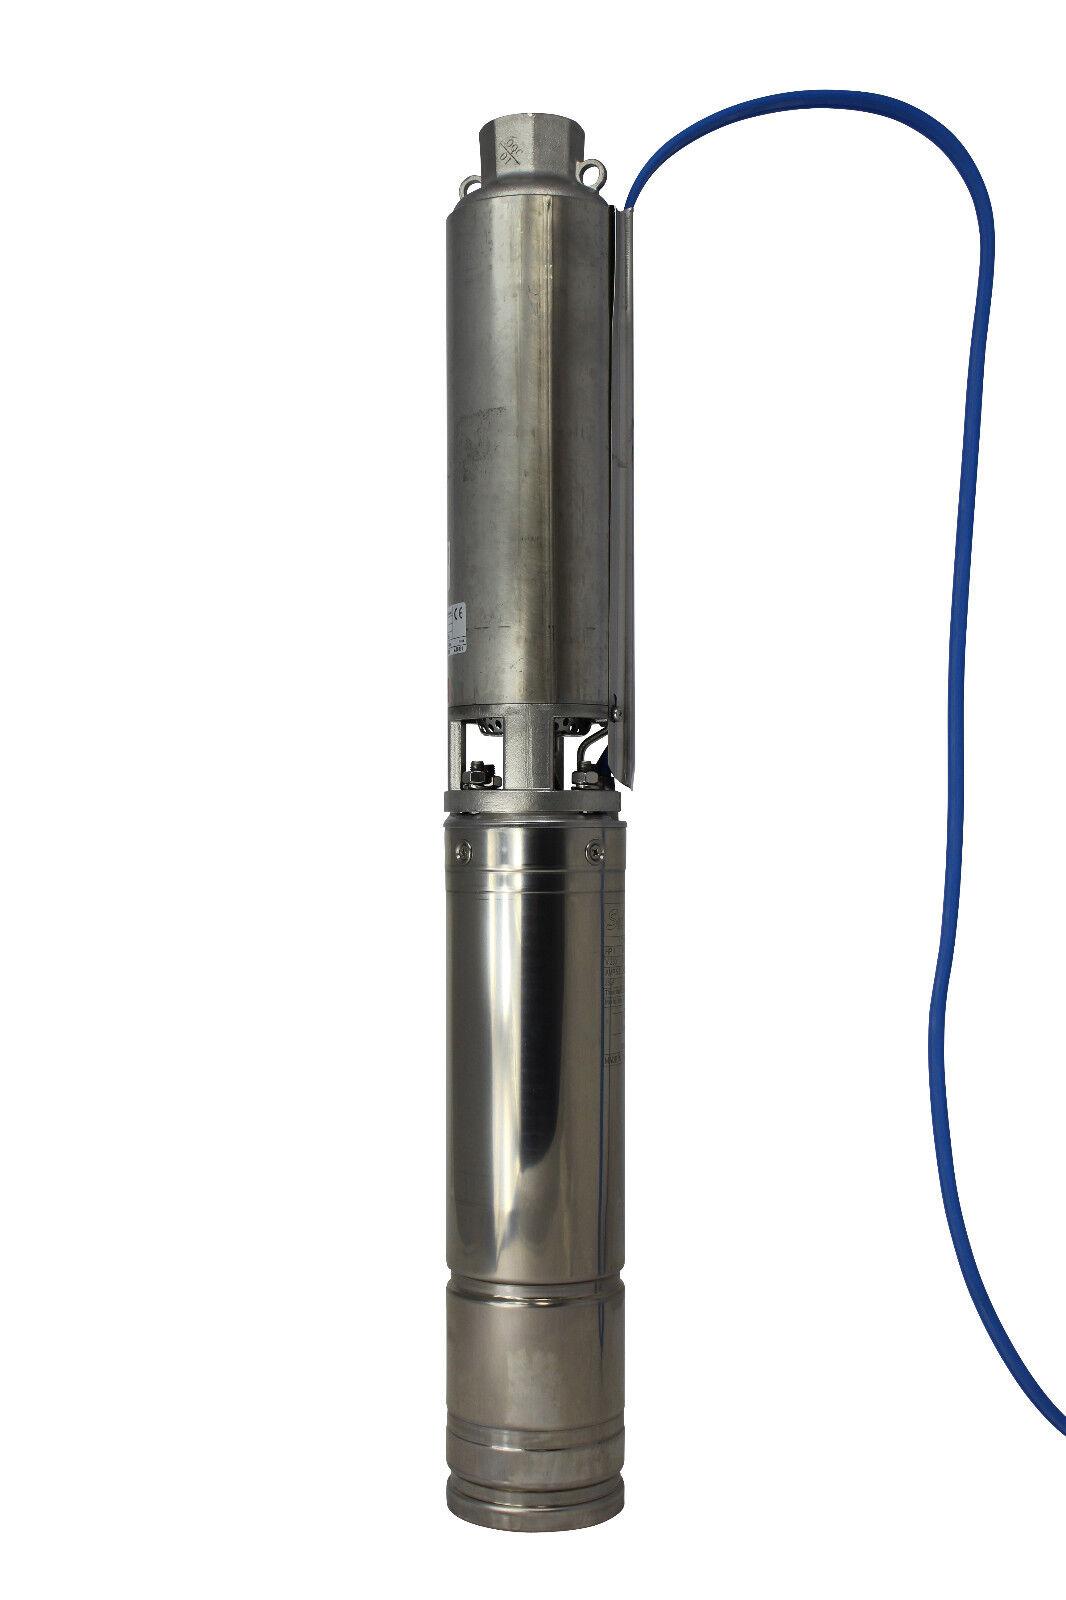 risposte rapide Pompa Bruciatore Bruciatore Bruciatore Lowara 4gs 11 5400 L 94 M Pozzo Sabbia 150 Gr.   Cbm  distribuzione globale